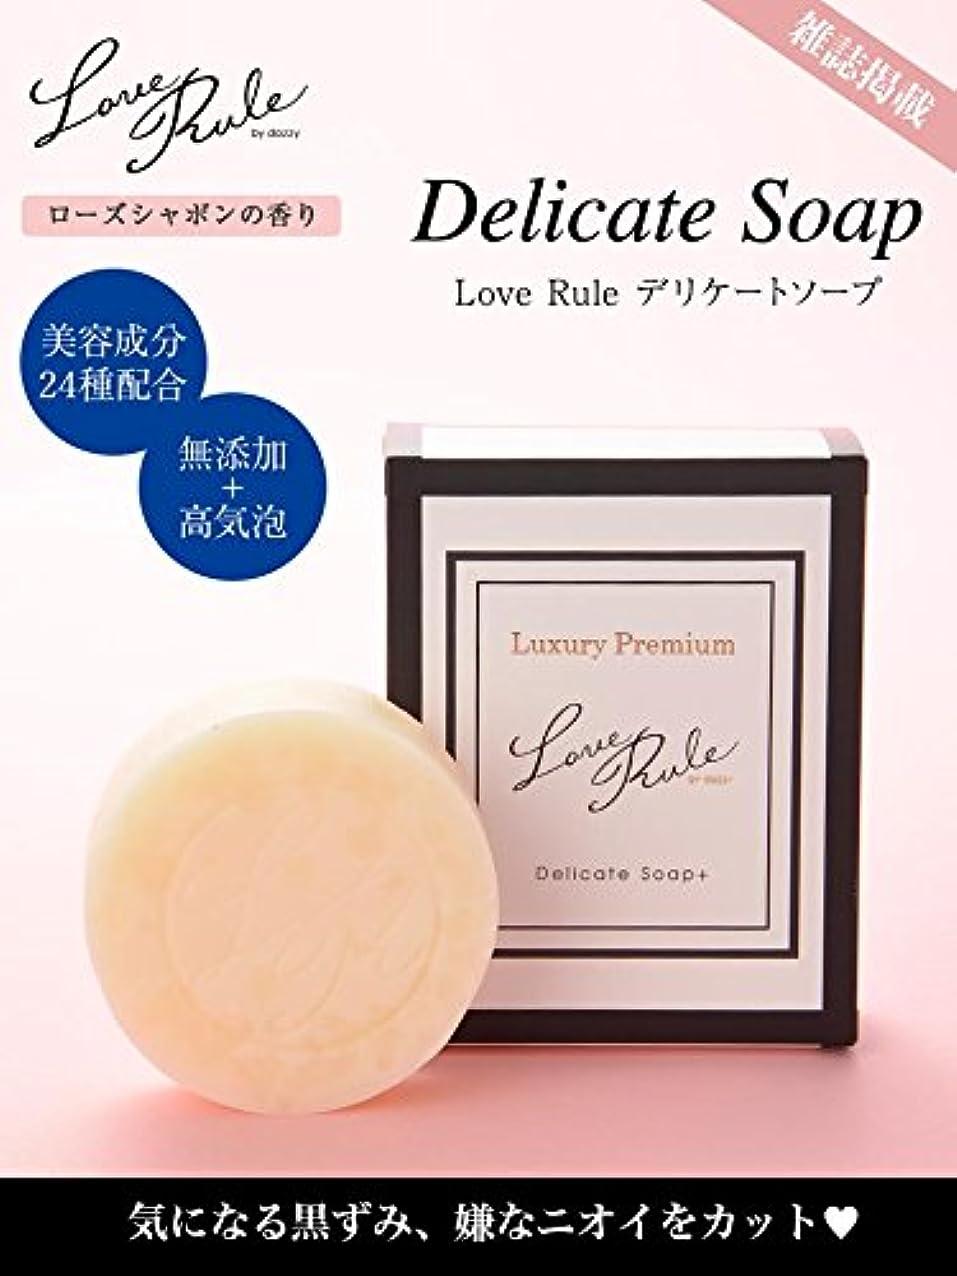 マイナス準備するハイジャックLove Rule デリケートゾーン ソープ プラス 美容成分24種配合 石鹸